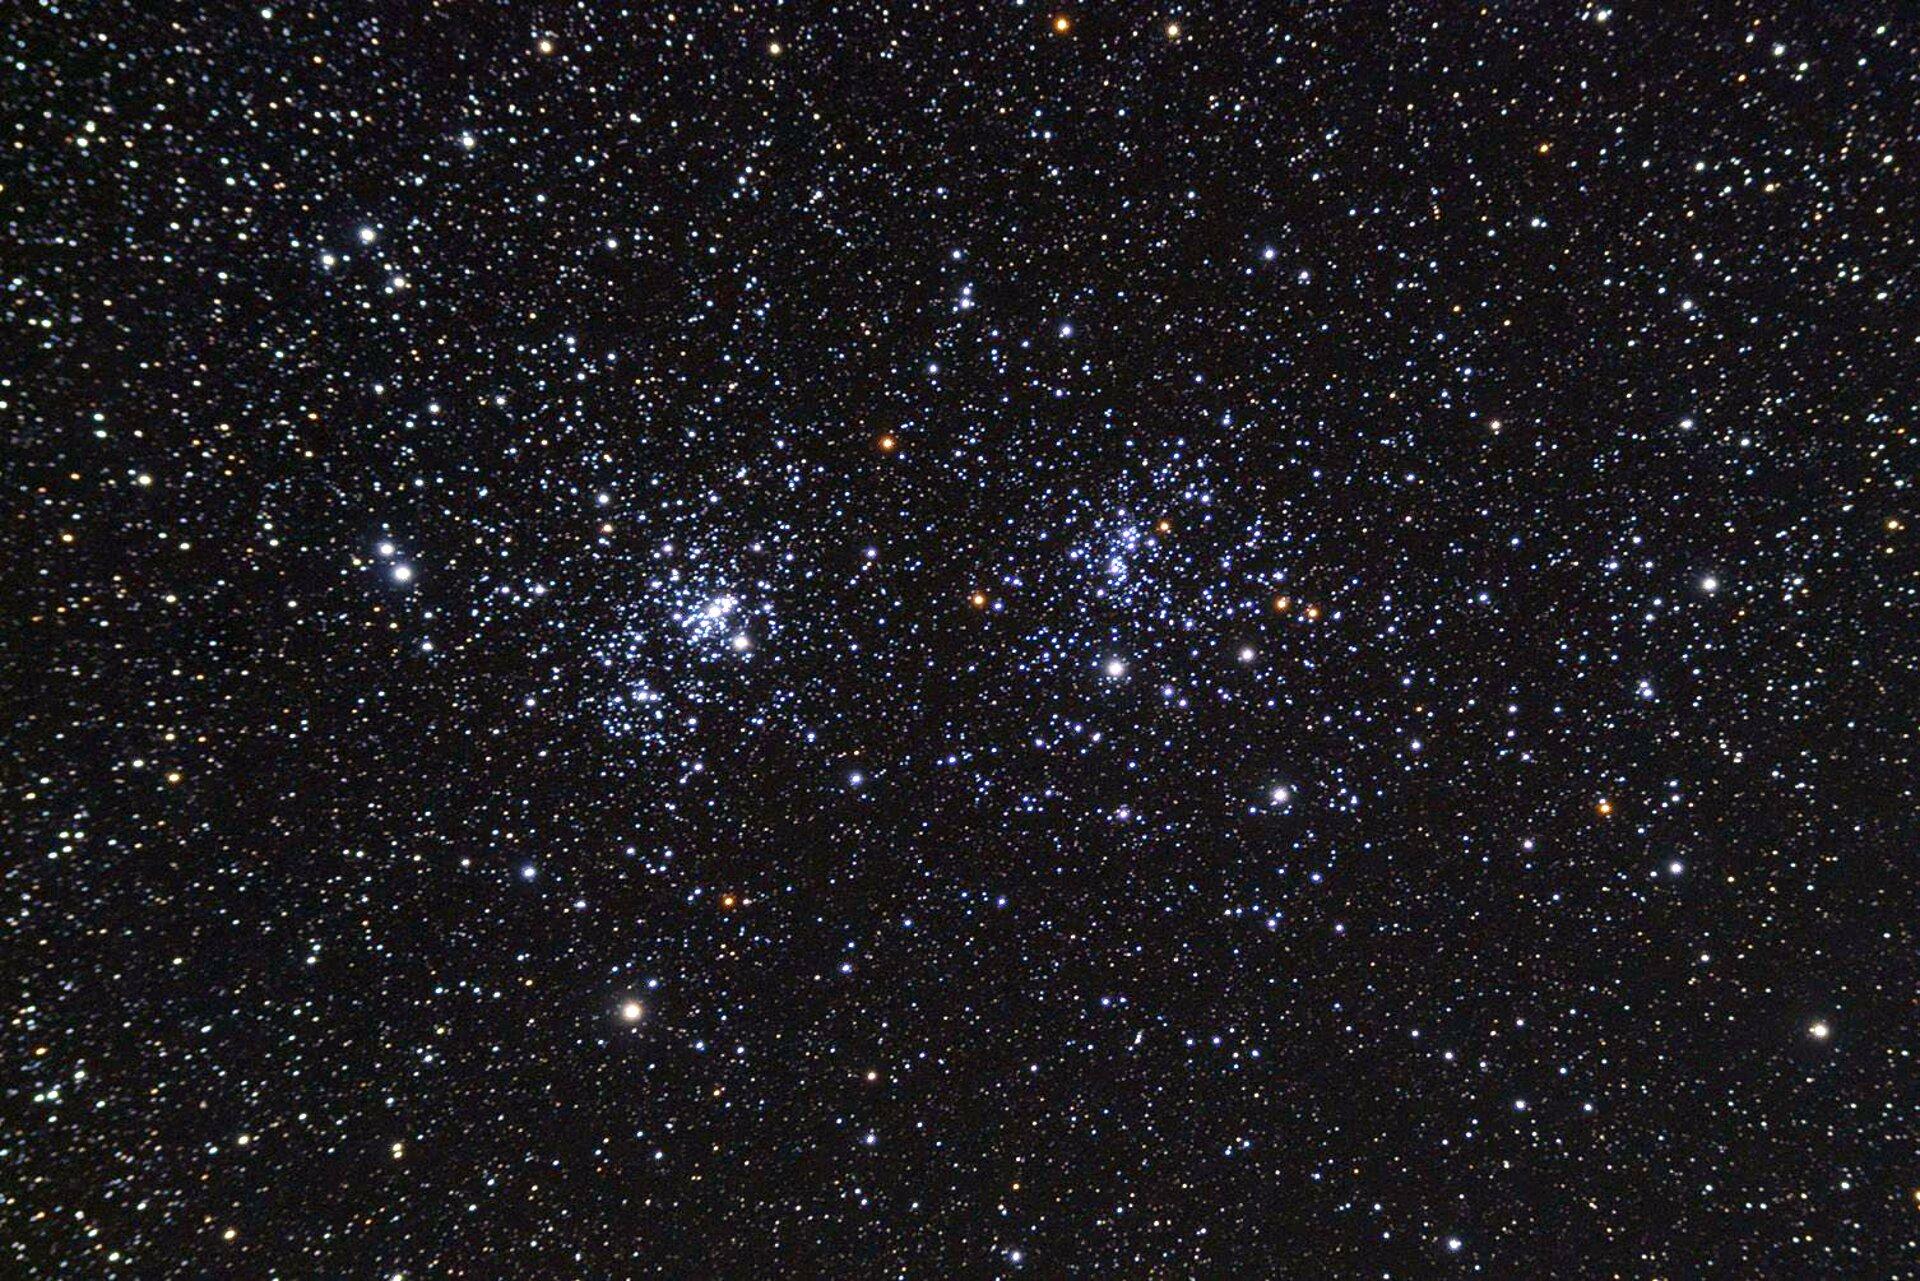 Grafika przedstawia podwójną gromadę gwiazd wgwiazdozbiorze Perseusza. Tło czarne. Na grafice widoczne mnóstwo białych, jasnożółtych, jasnopomarańczowych, jasnozielonych ijasnobłękitnych drobnych punktów. Wypełniają całą grafikę. Na środku widoczne dwa duże skupiska punktów.